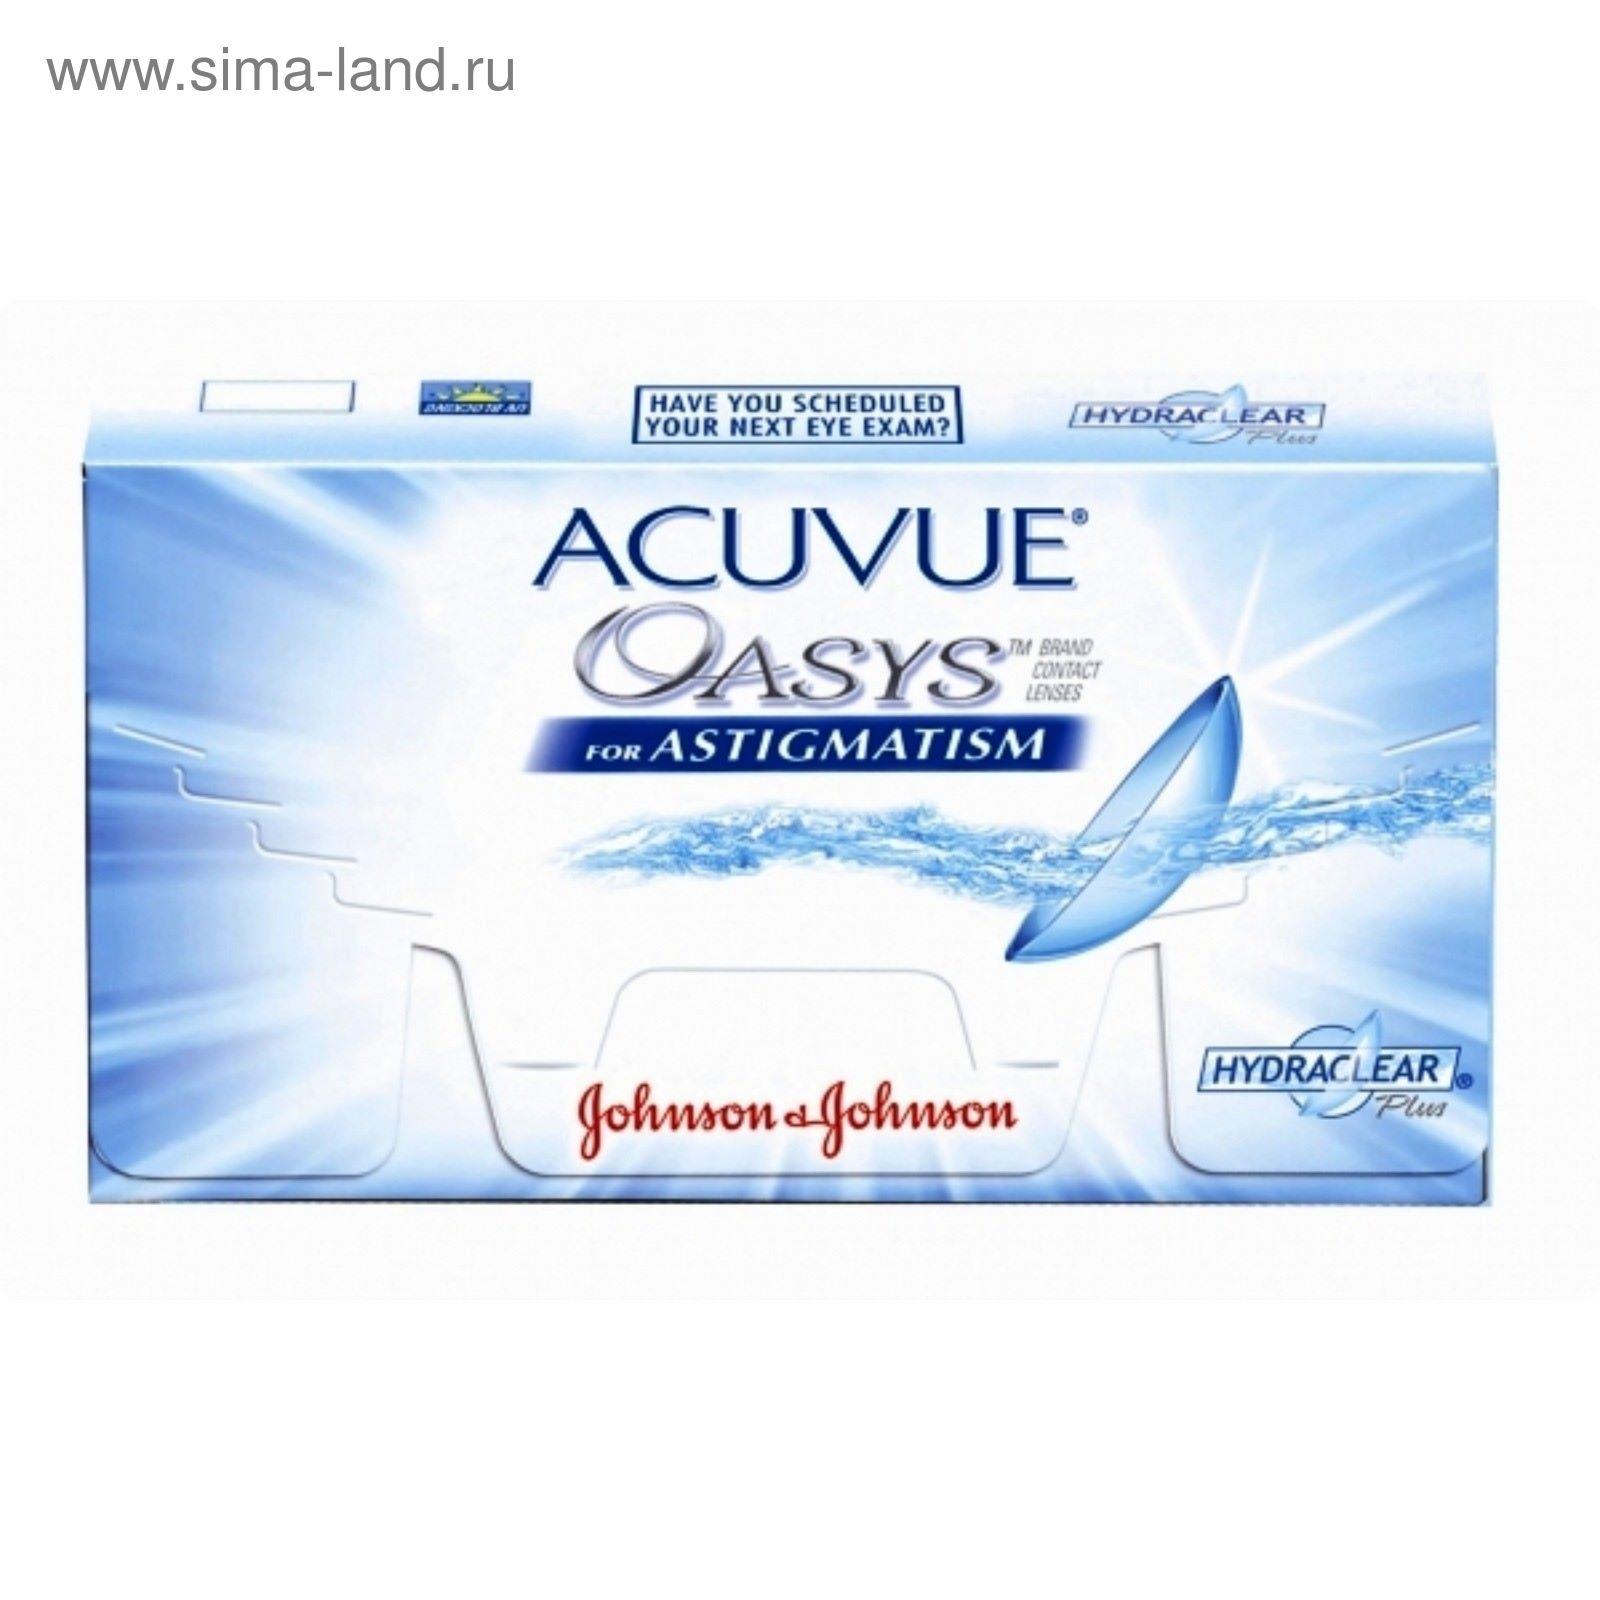 Контактные линзы Acuvue Oasys for Astigmatism, -3.5/8,6/-2.25/100, в наборе 6шт